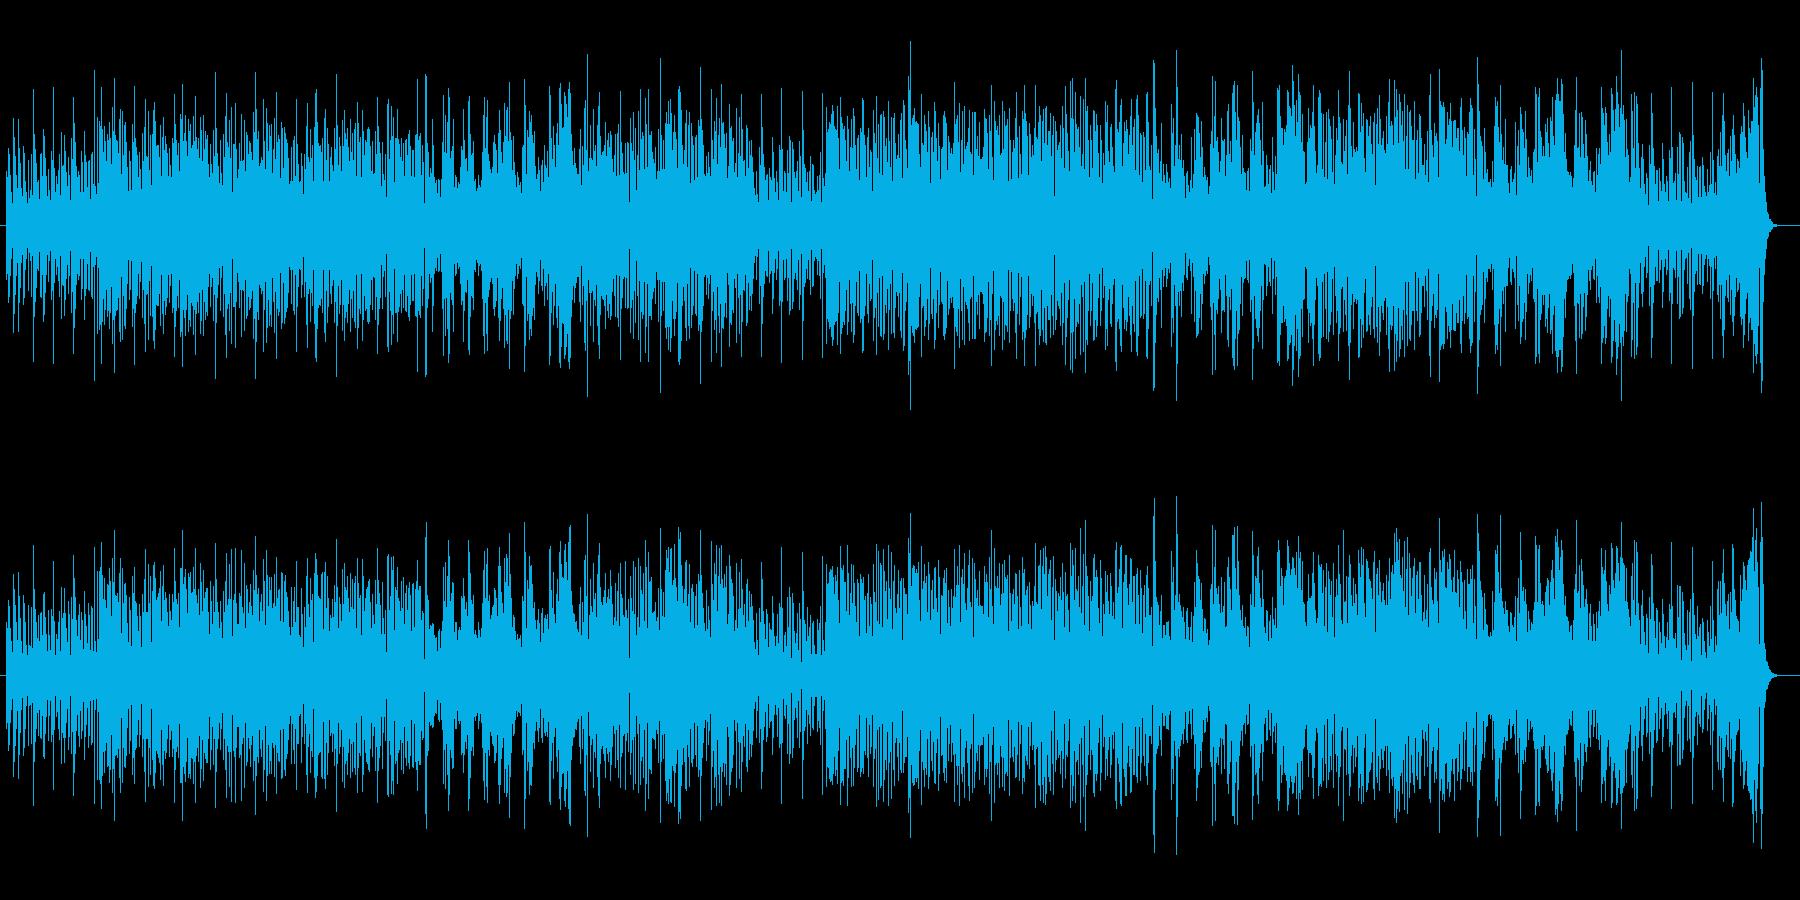 ピッコロがほのぼのとしたゲーム音楽の再生済みの波形